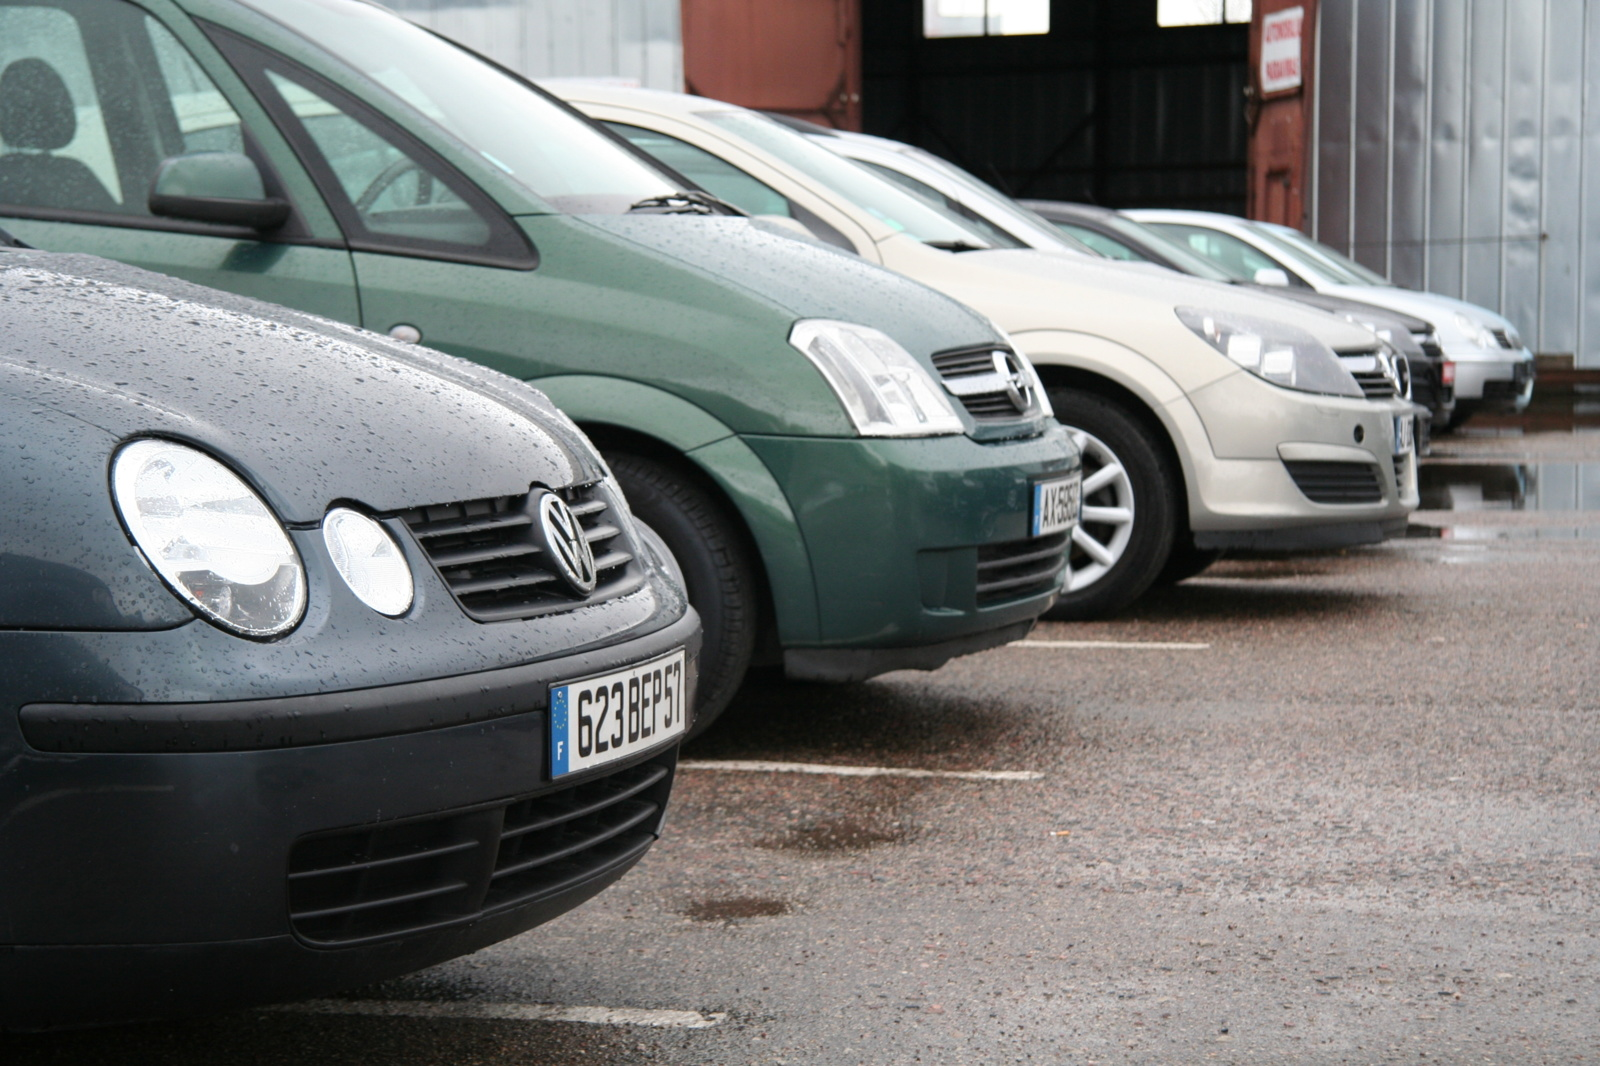 Draudikai įspėja: iš pažiūros nekaltas automobilių pardavėjų poelgis gali atsisukti baudomis